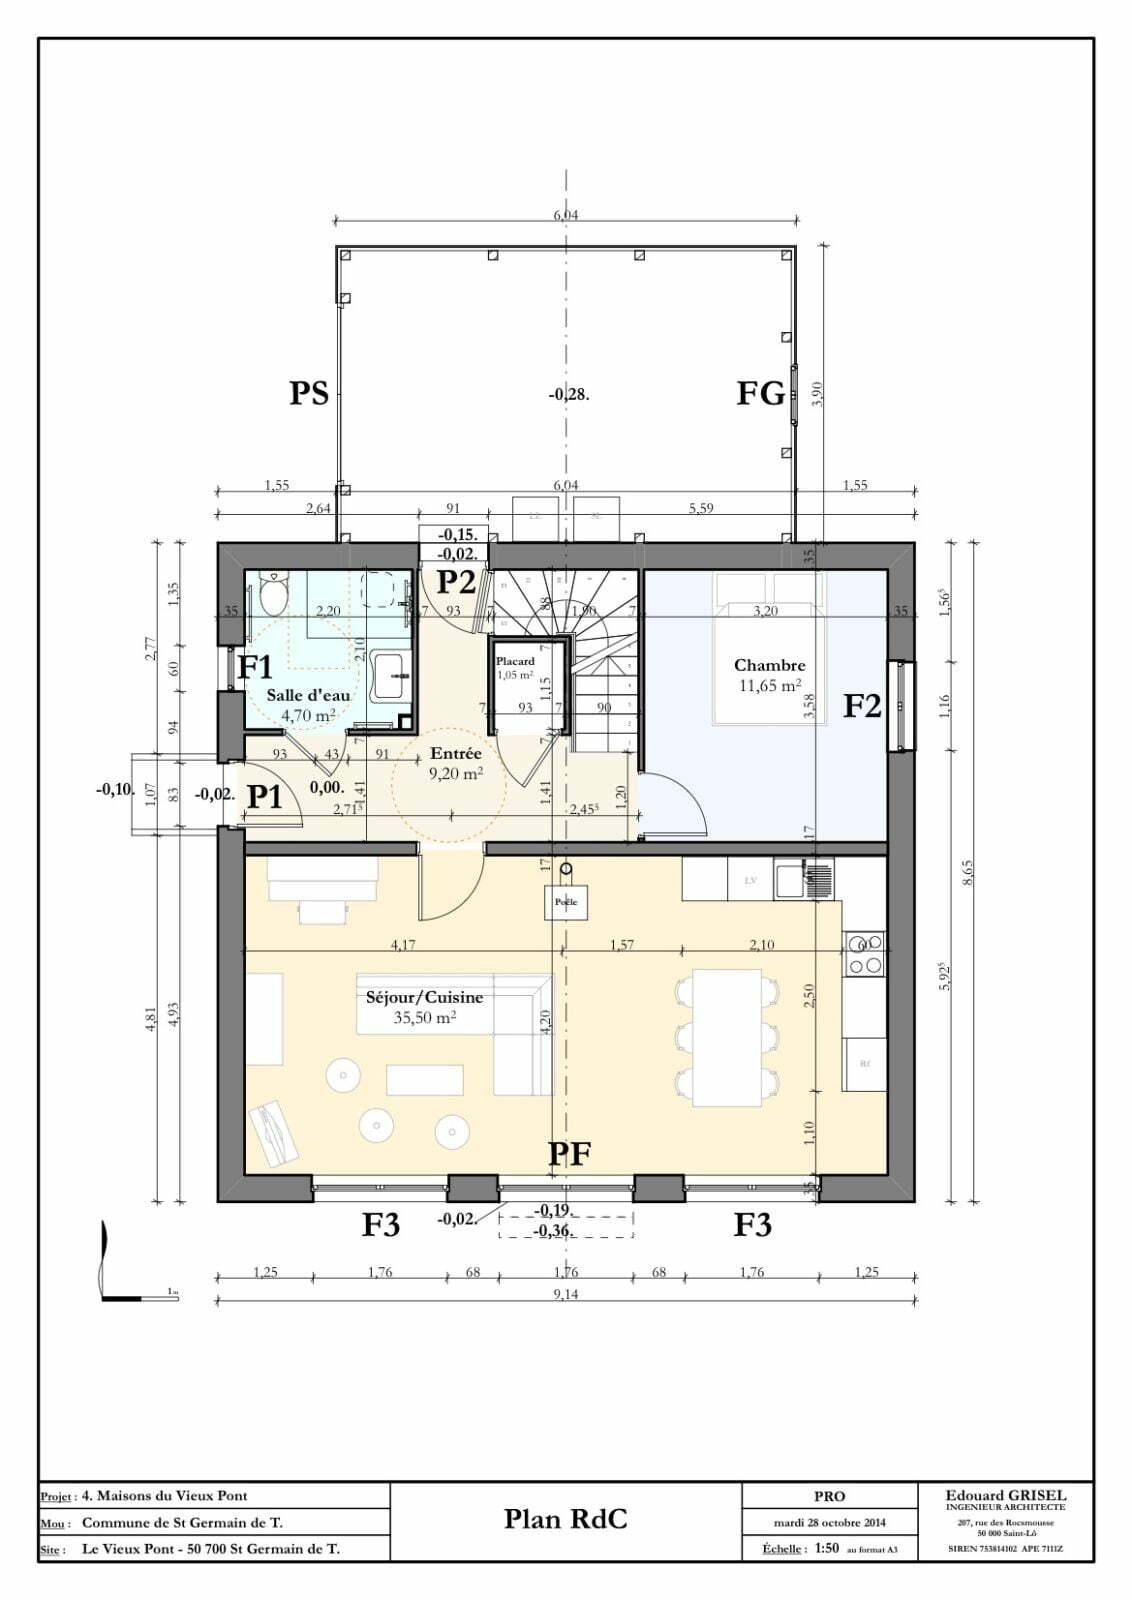 2. Plan RdC